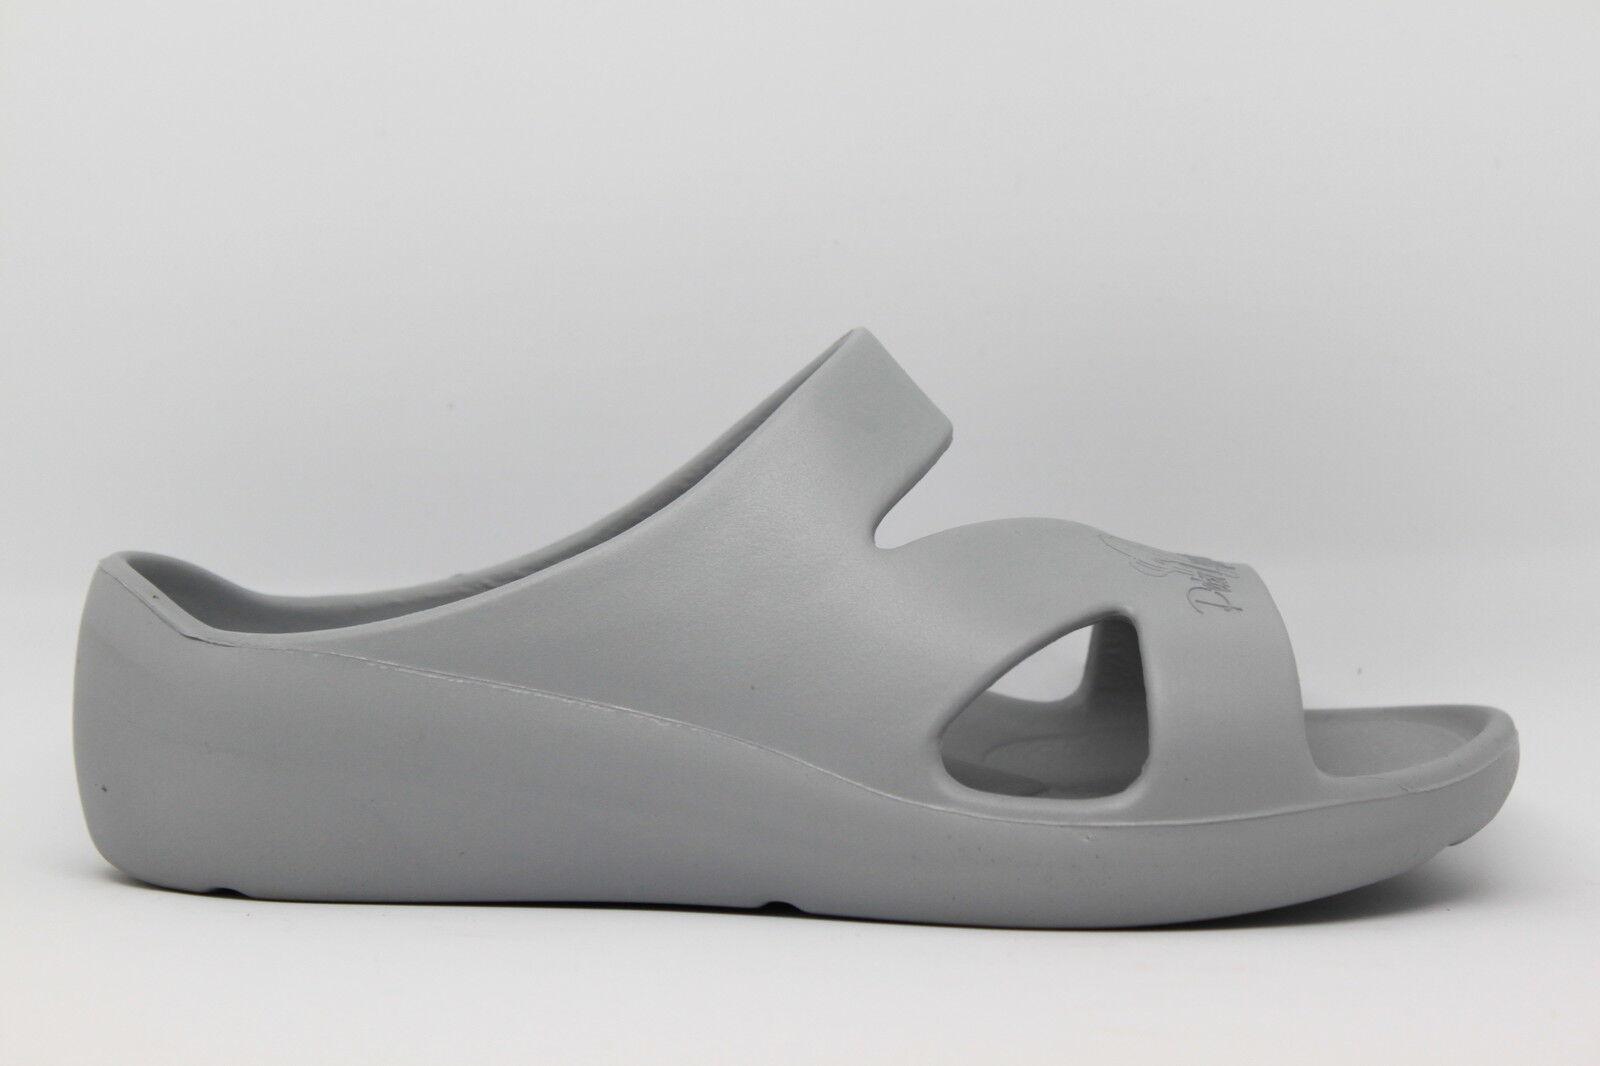 PETER LEGWOOD DOLPHIN GRIGIO DONNA Ciabatta posturale Aequos System confort